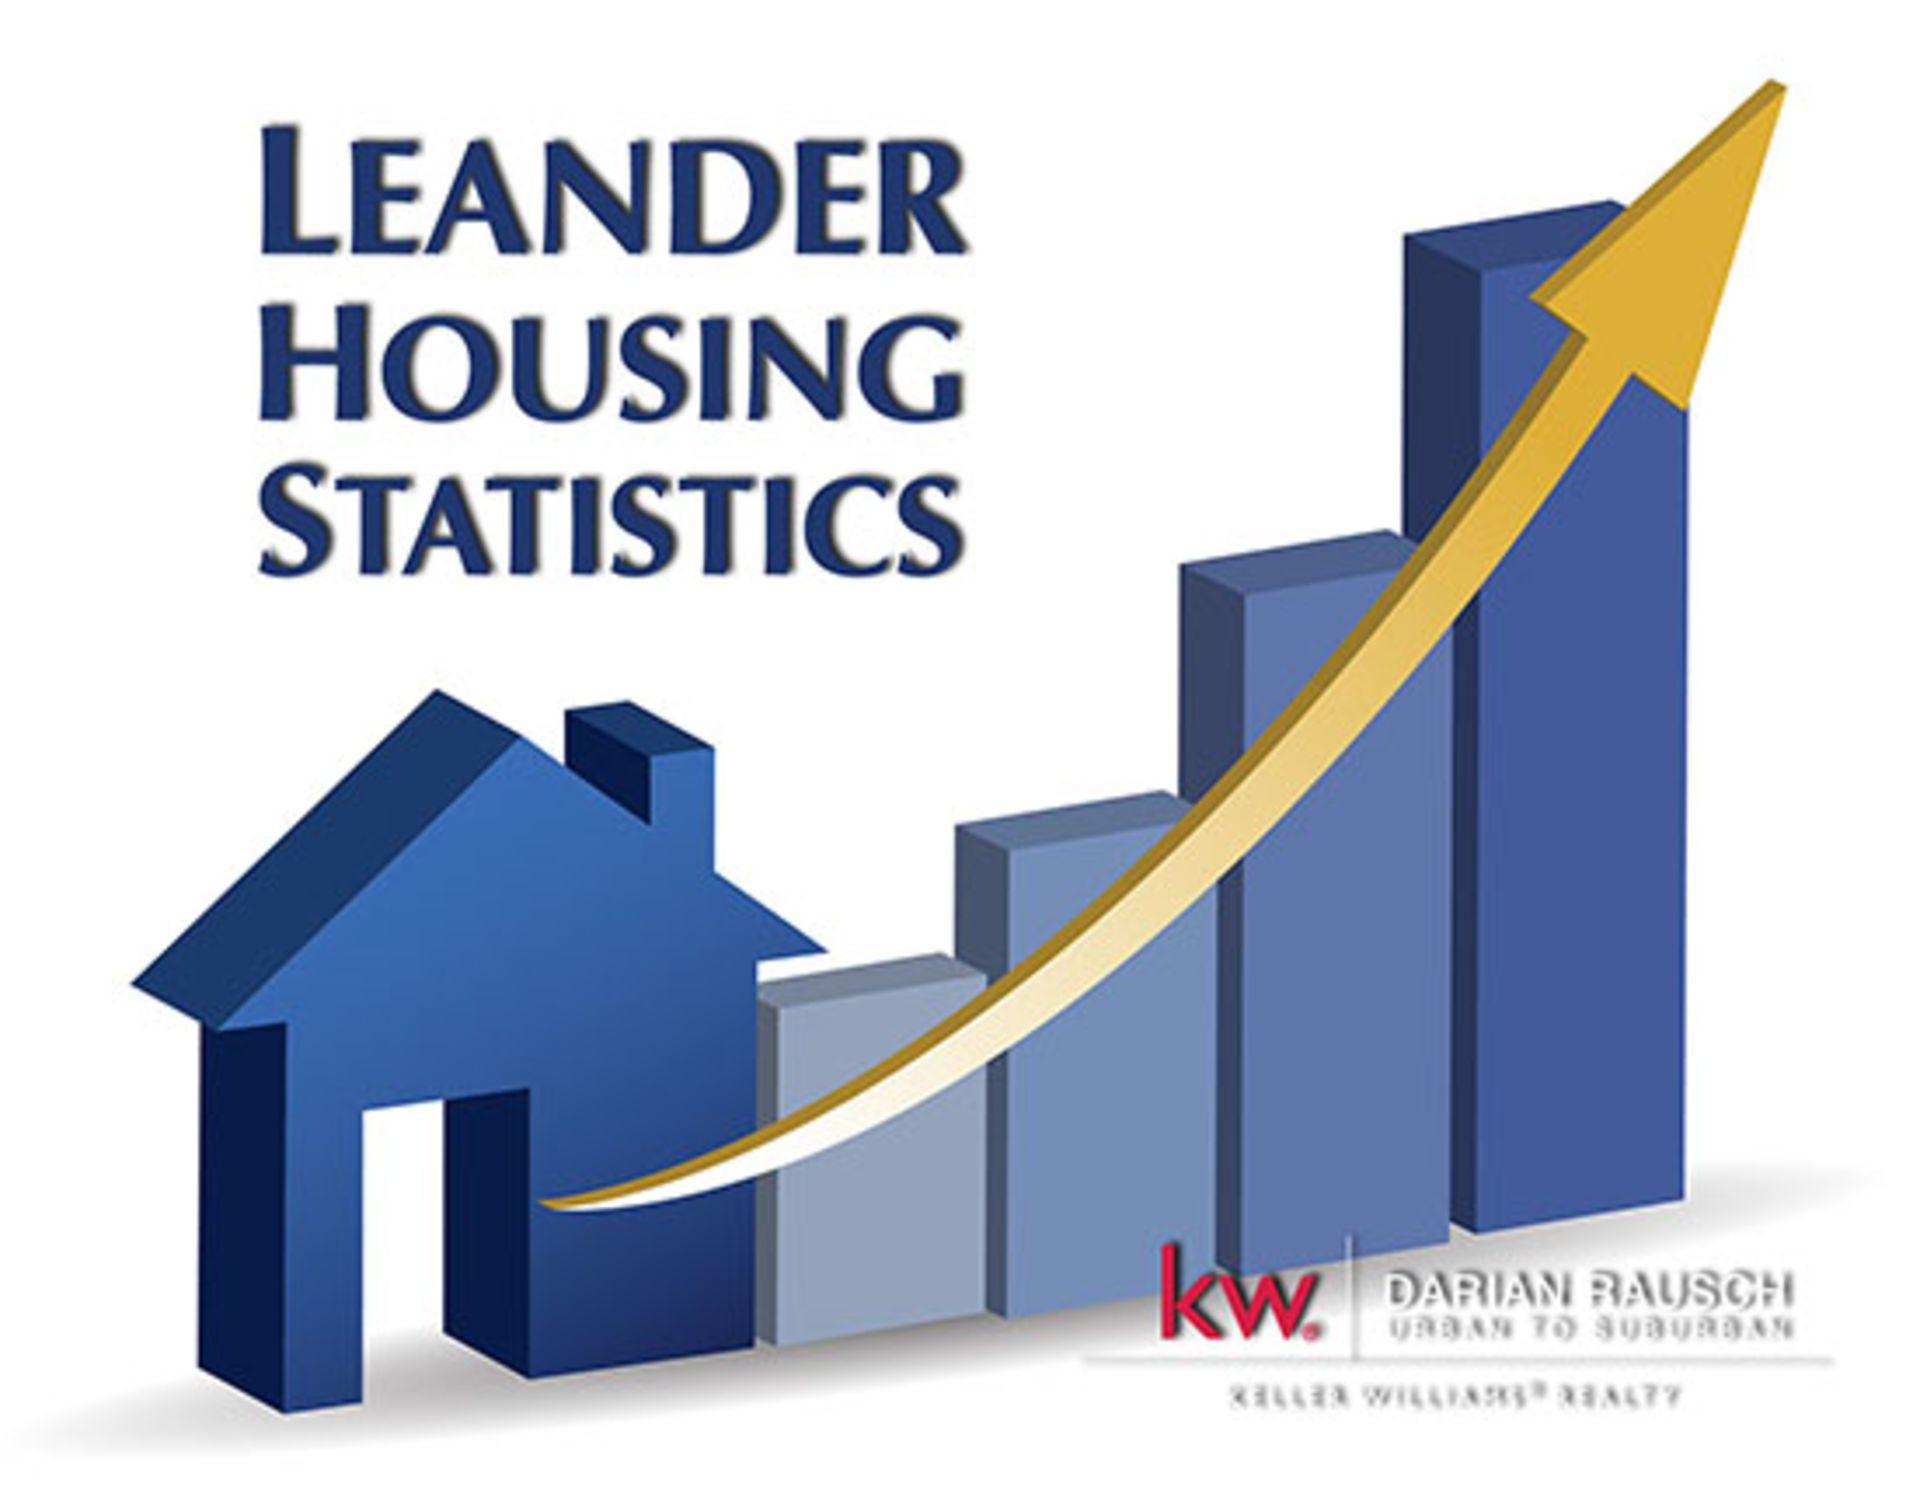 Leander TX Housing Statistics for February 2017